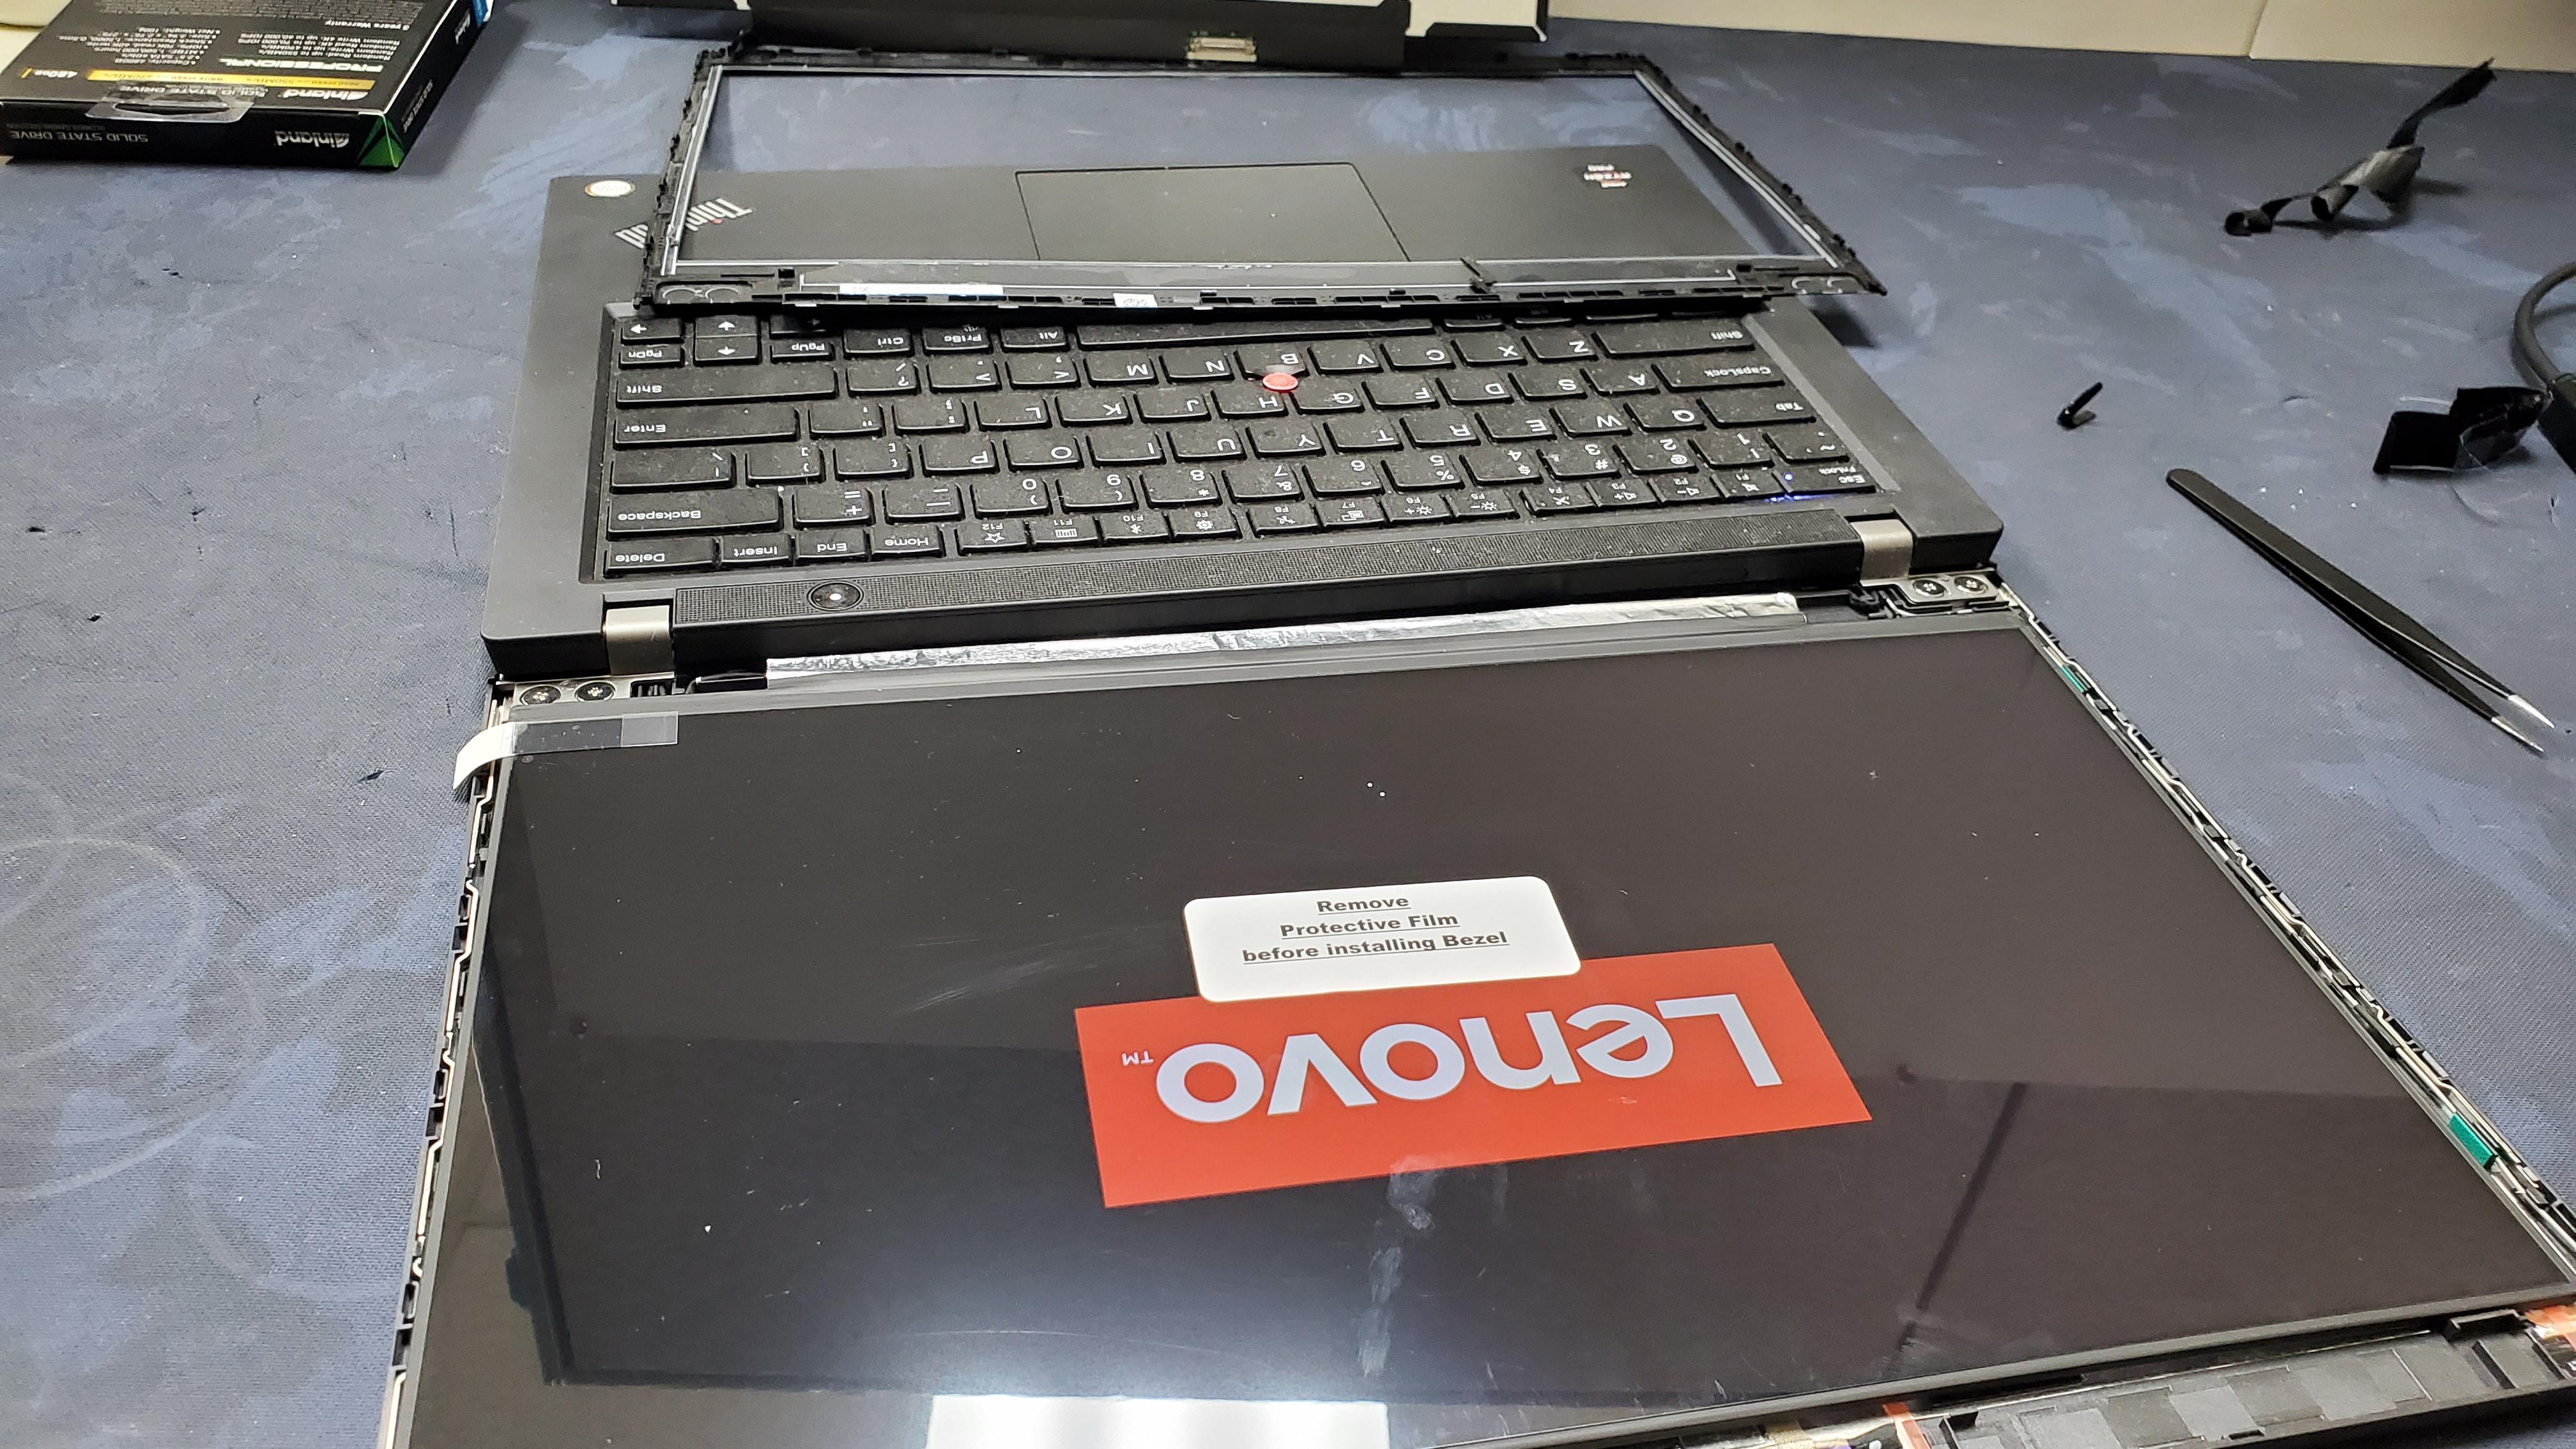 Lenovo Laptop Repair service ifixdallas plano